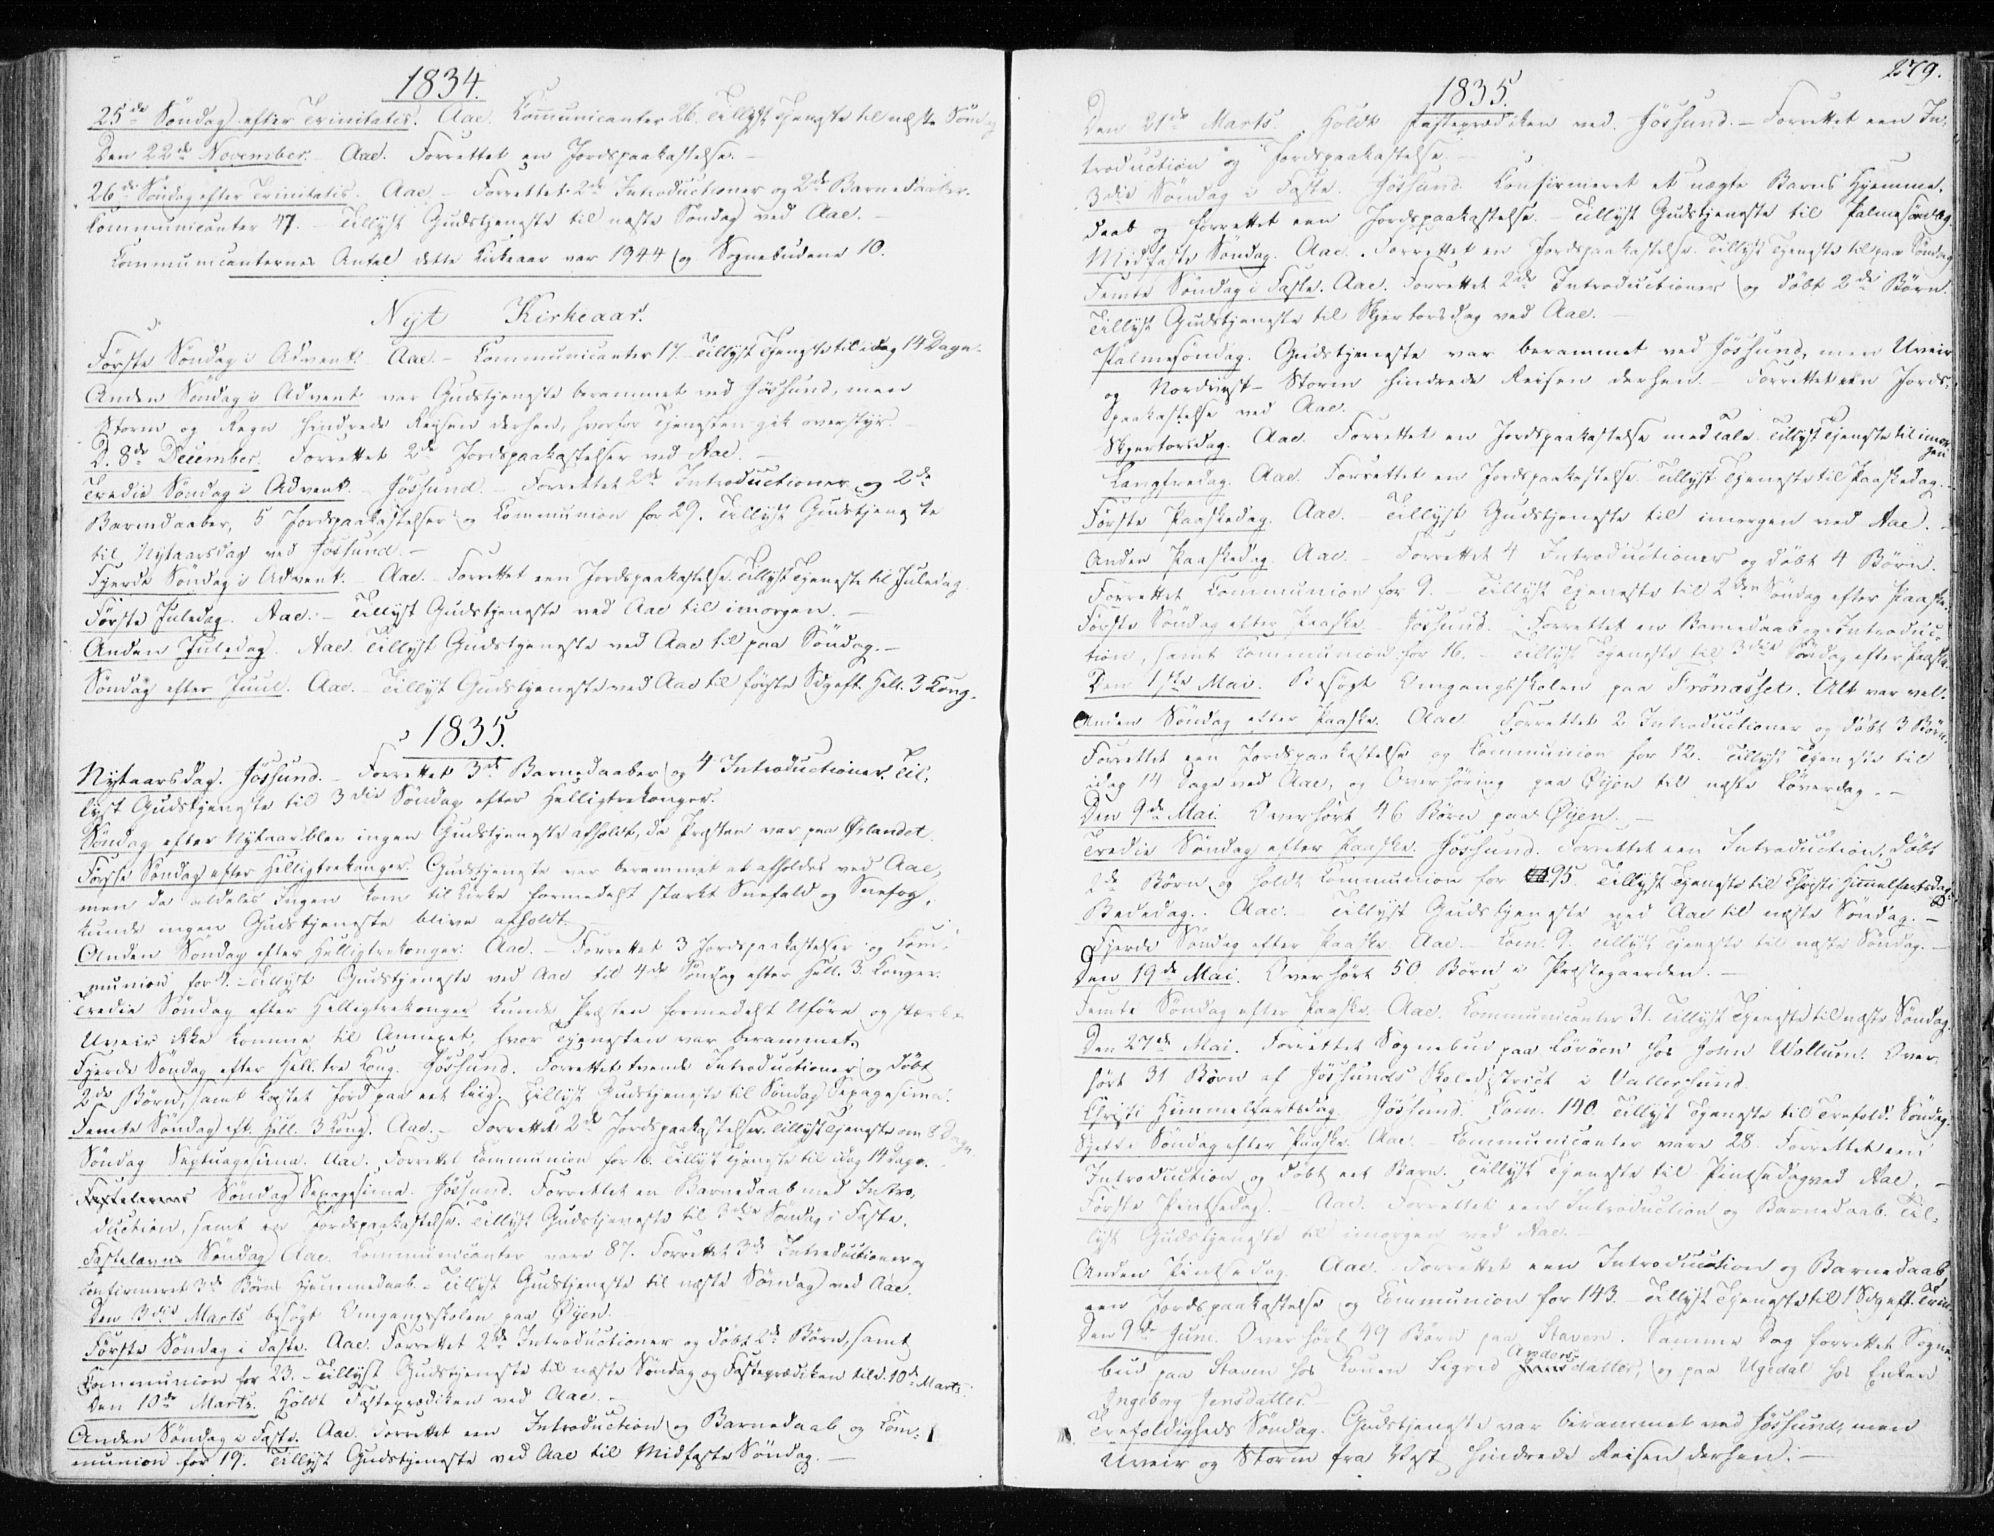 SAT, Ministerialprotokoller, klokkerbøker og fødselsregistre - Sør-Trøndelag, 655/L0676: Ministerialbok nr. 655A05, 1830-1847, s. 279